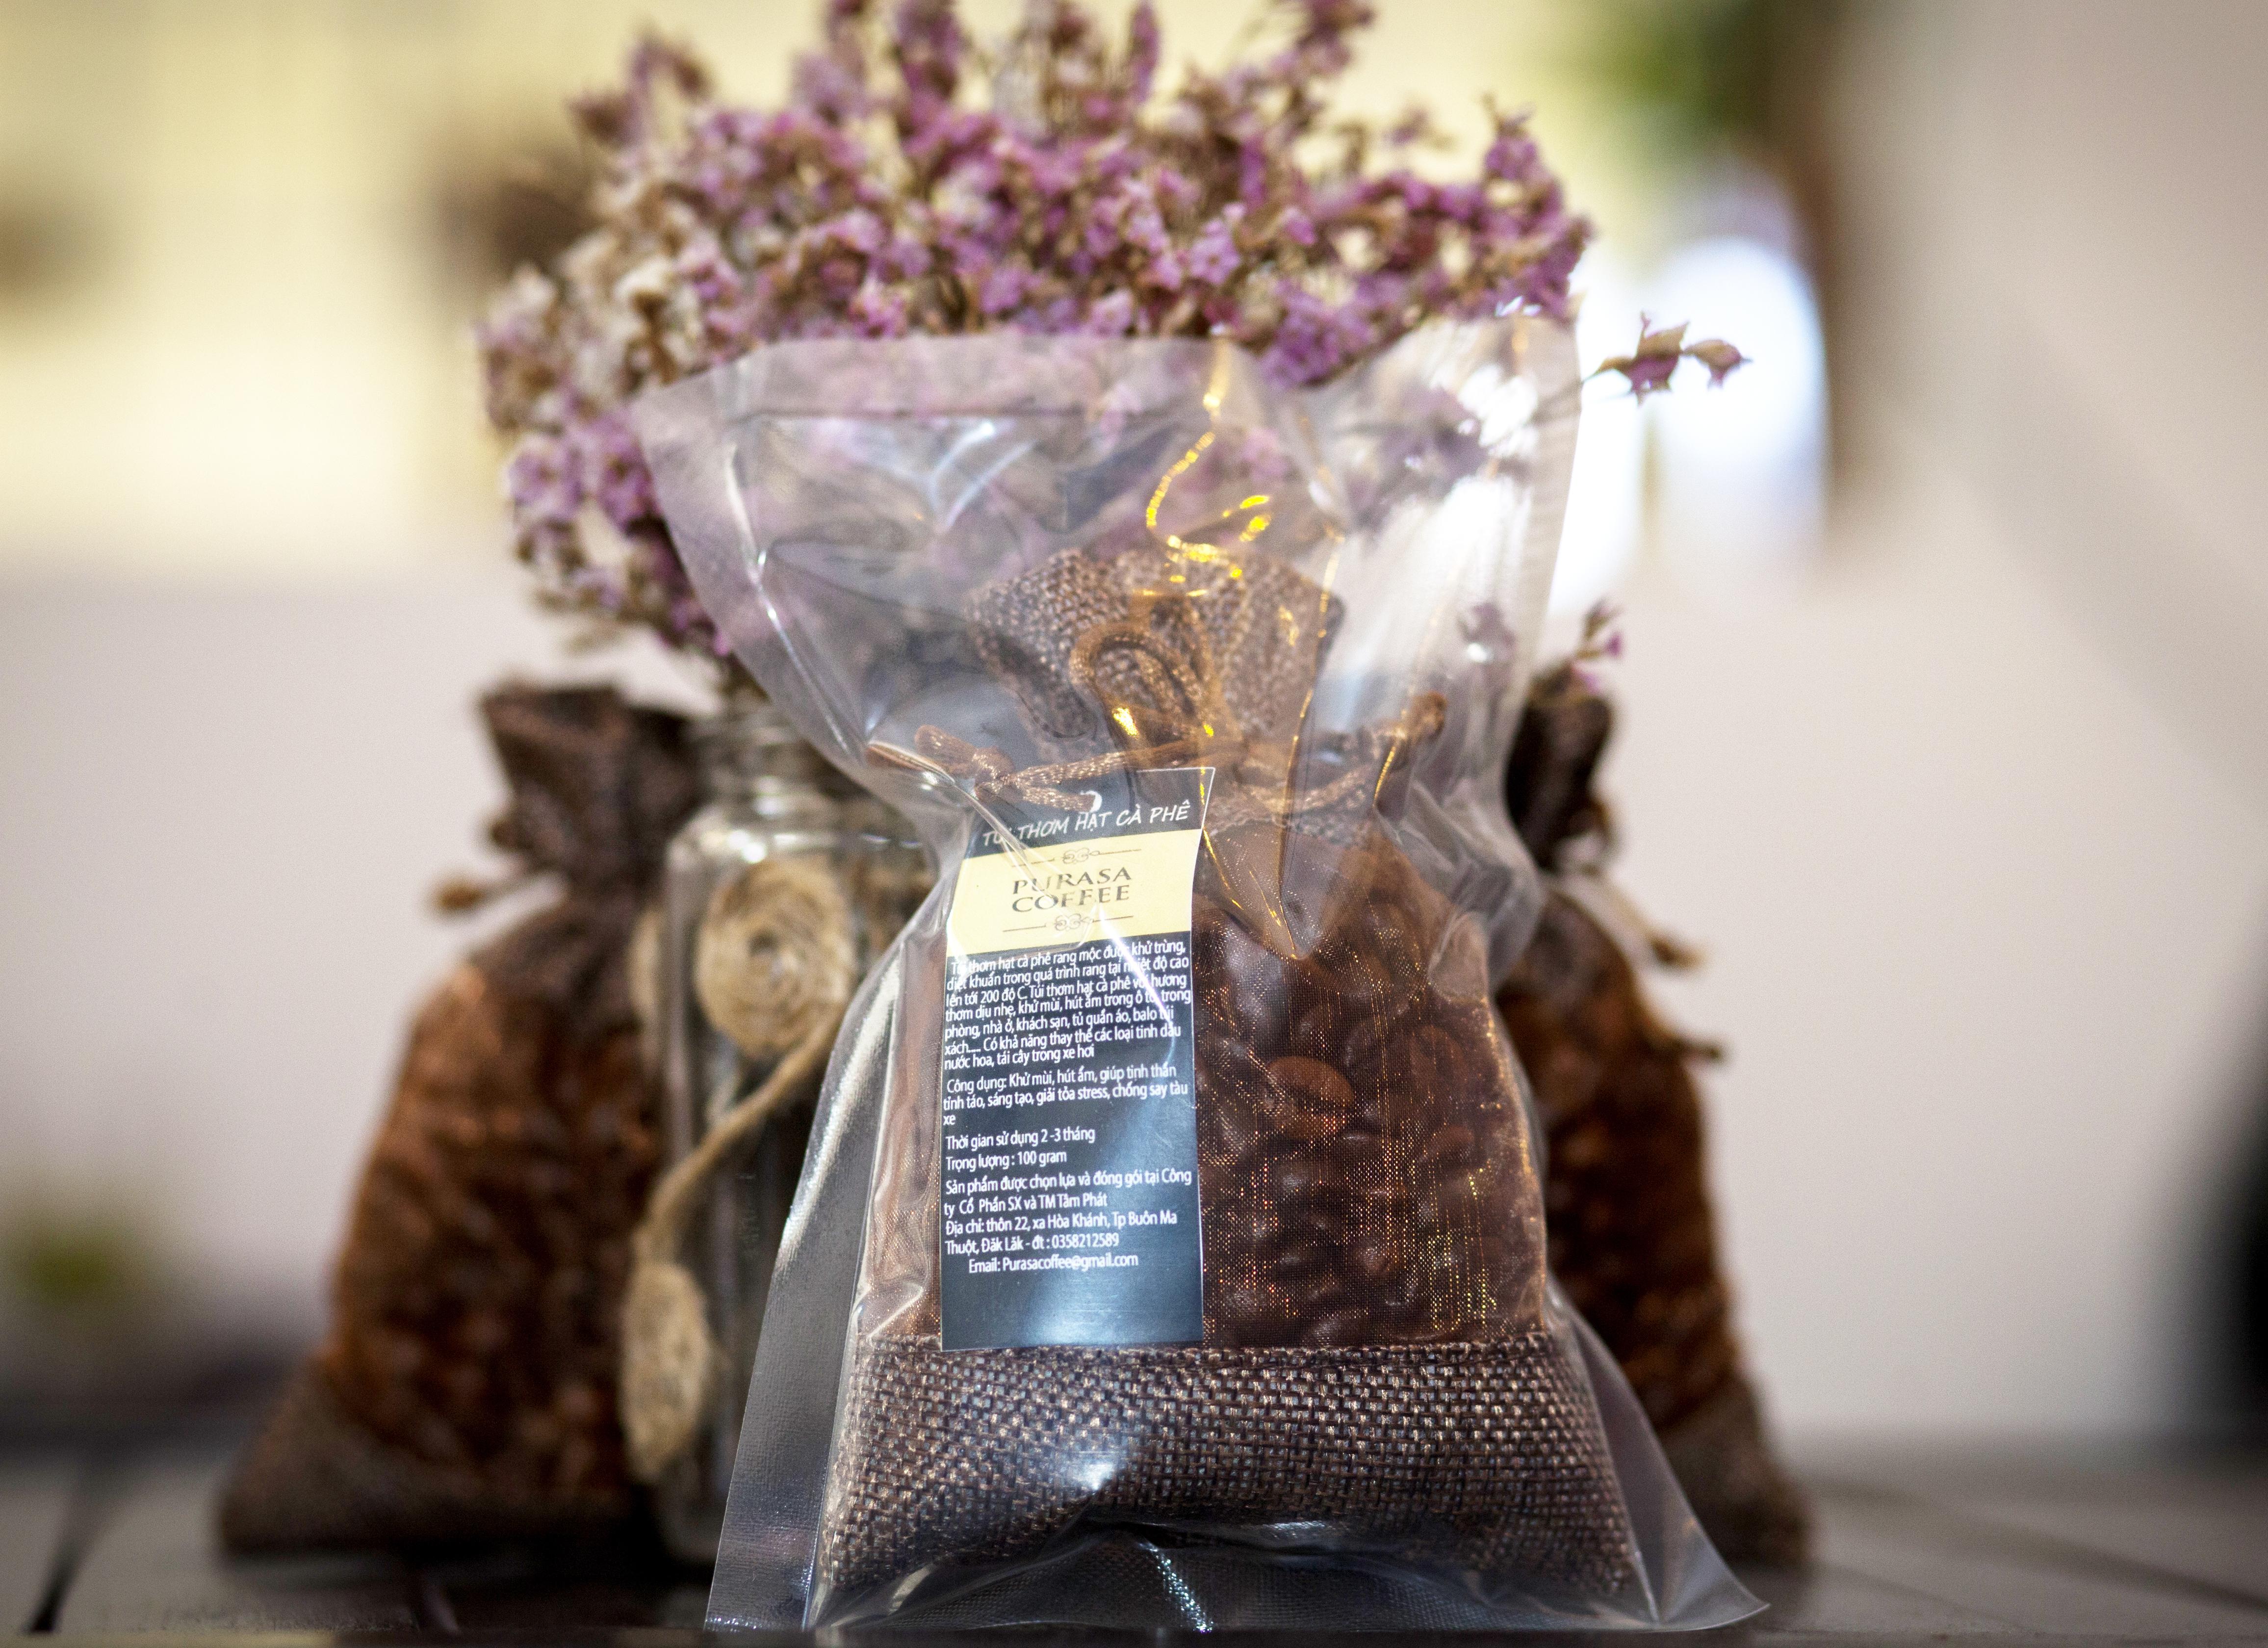 Túi thơm hạt cà phê PURASA